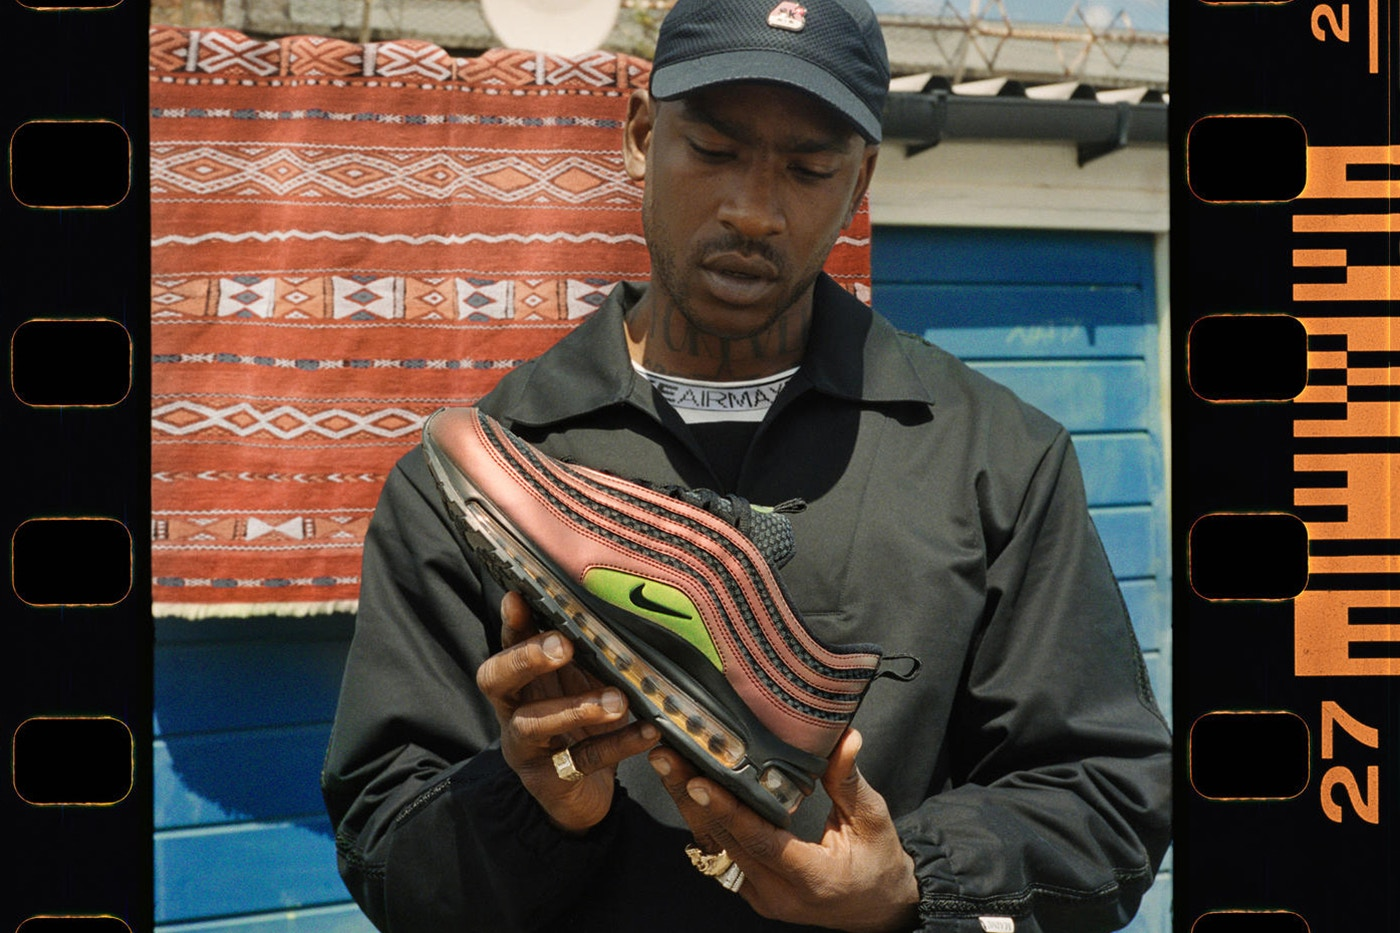 L'artiste Skepta collabore avec Nike sur la Air Max 97 !